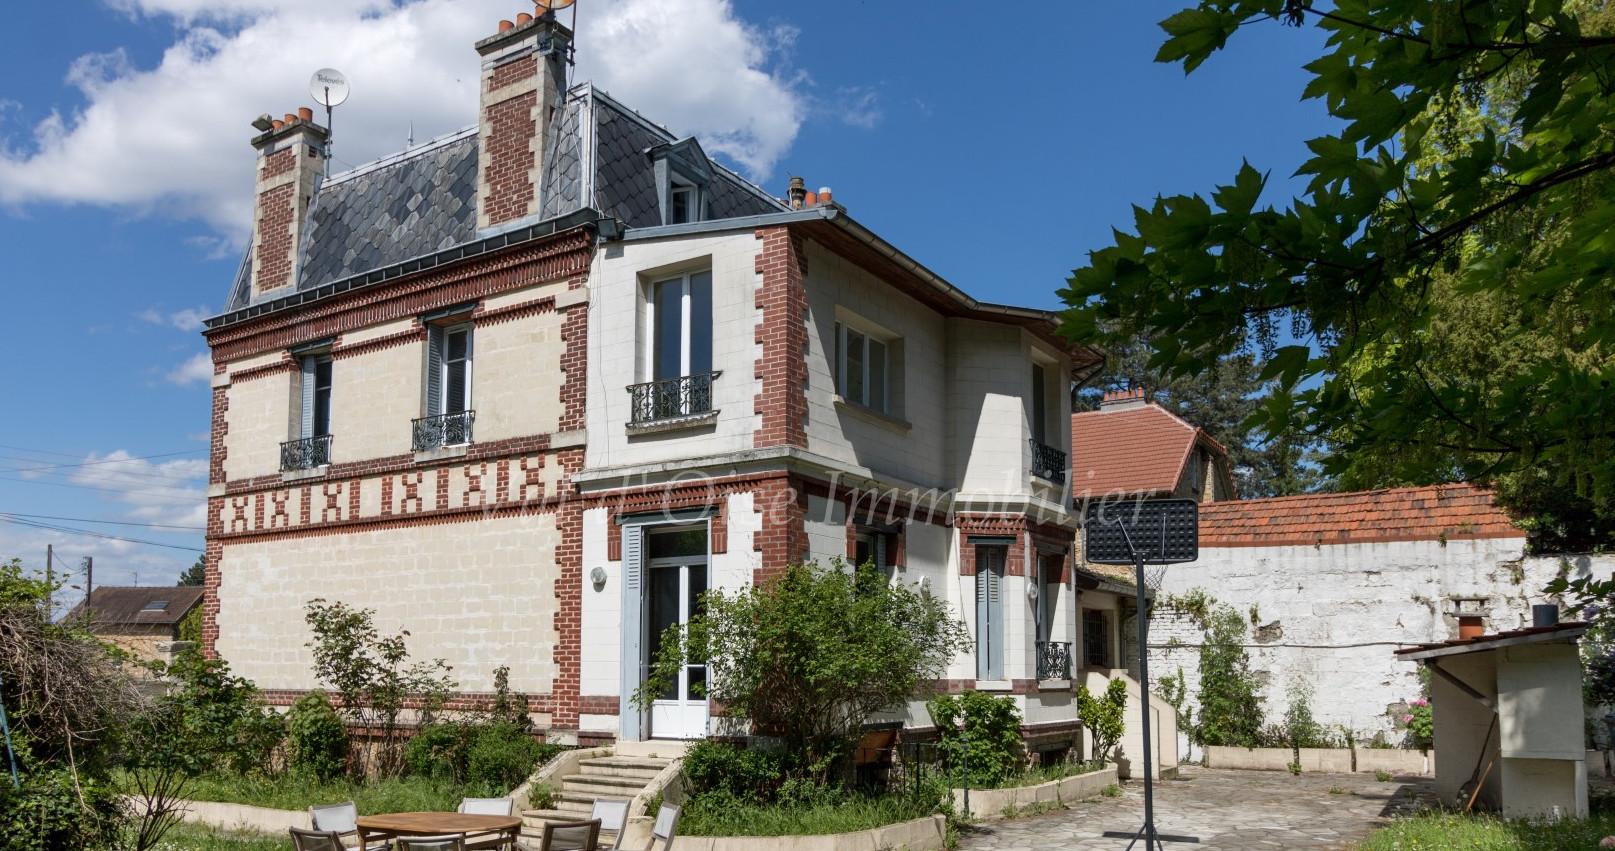 Maison 9 Pièces – Taverny Vaucelles – EXCLUSIVITE